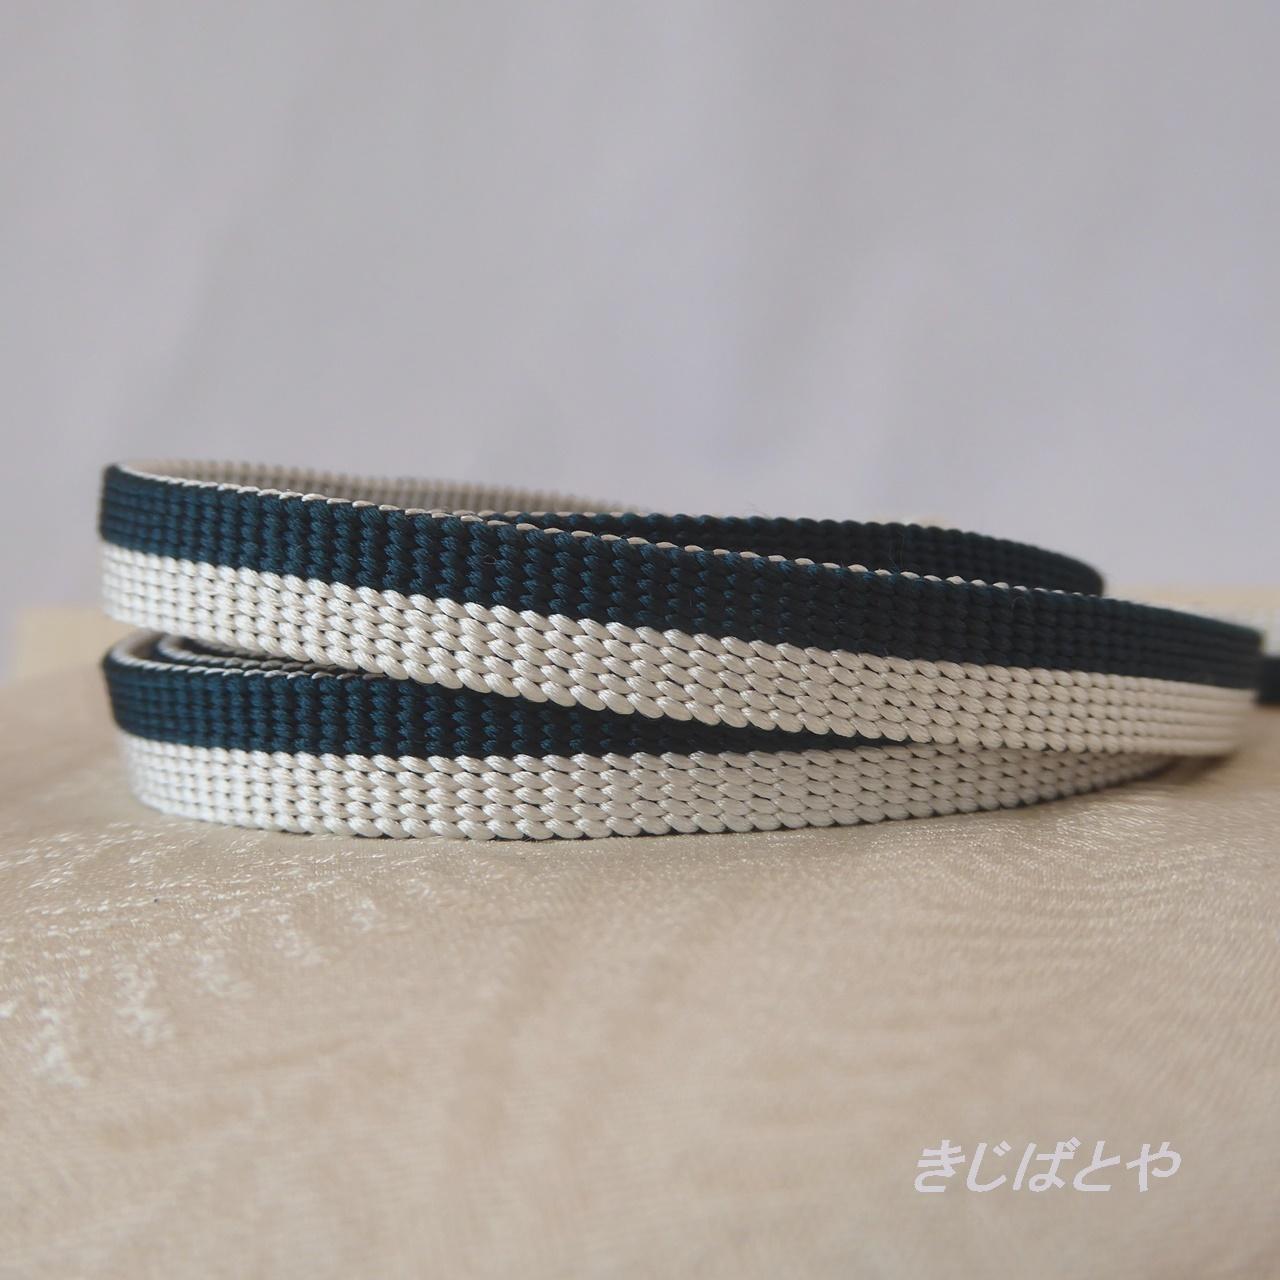 【N様ご予約品】正絹 藍と白の縞の三分紐